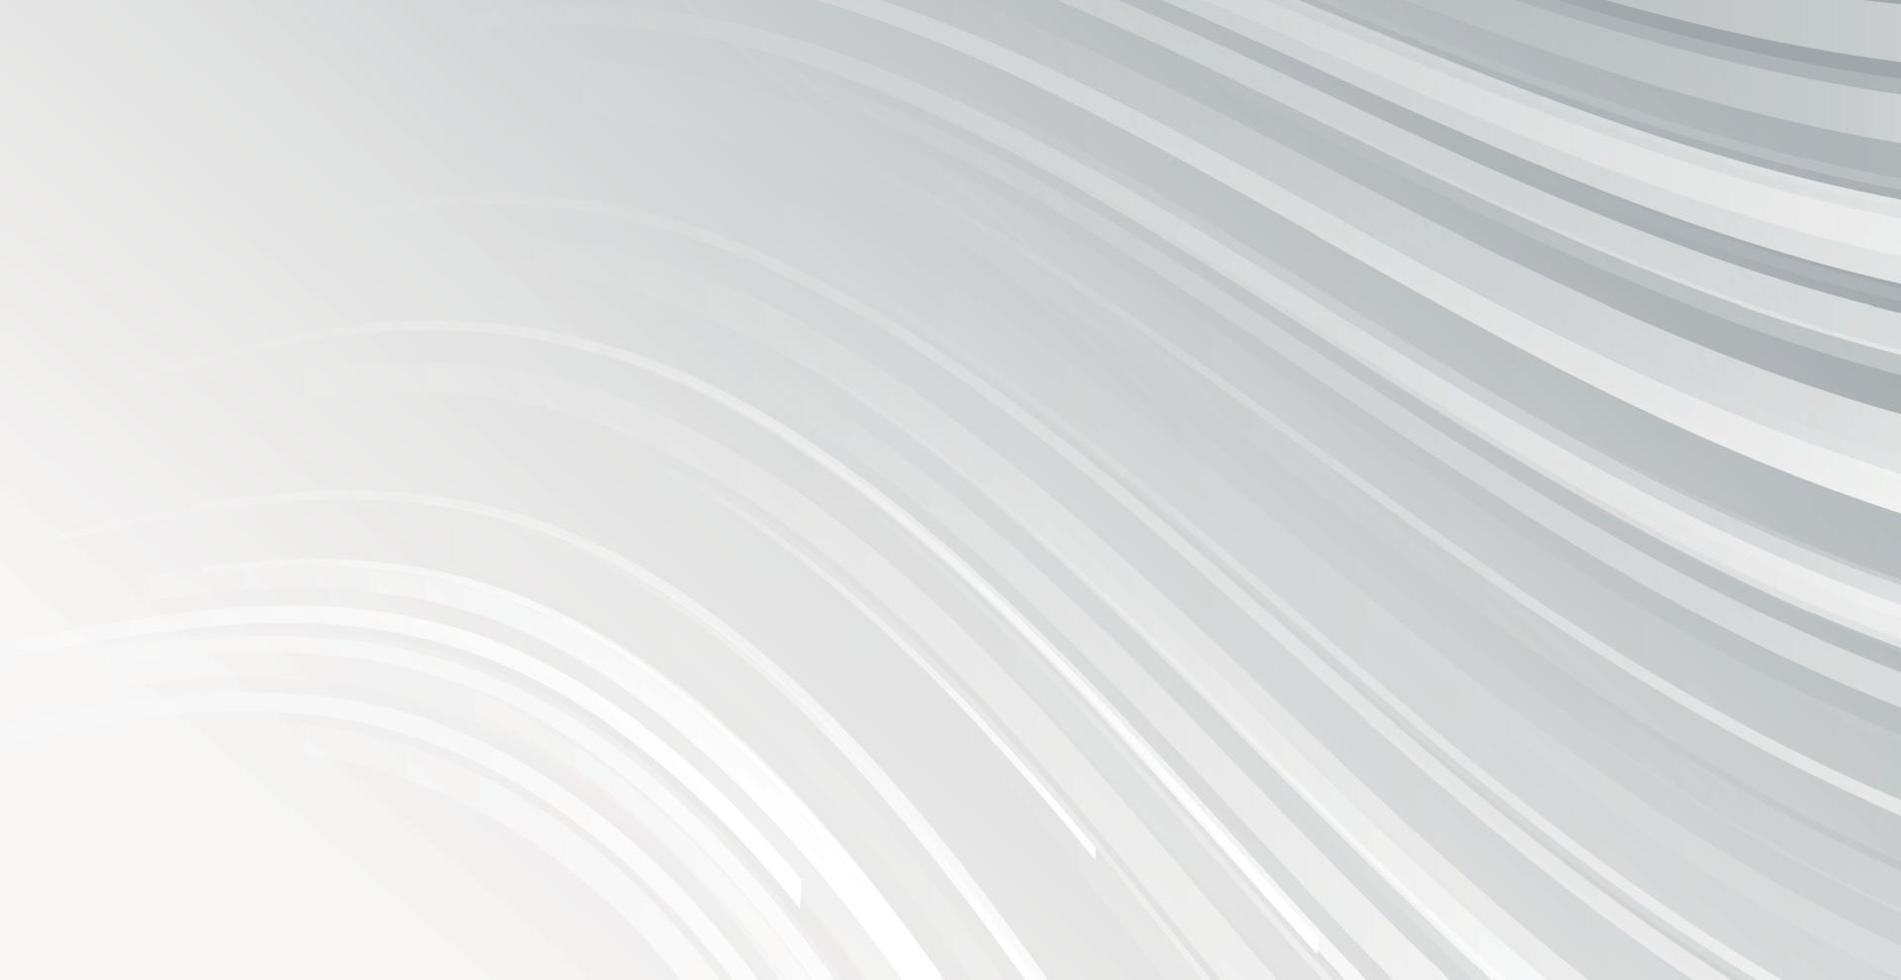 abstrakt grå - vita linjer på grå bakgrund - vektor